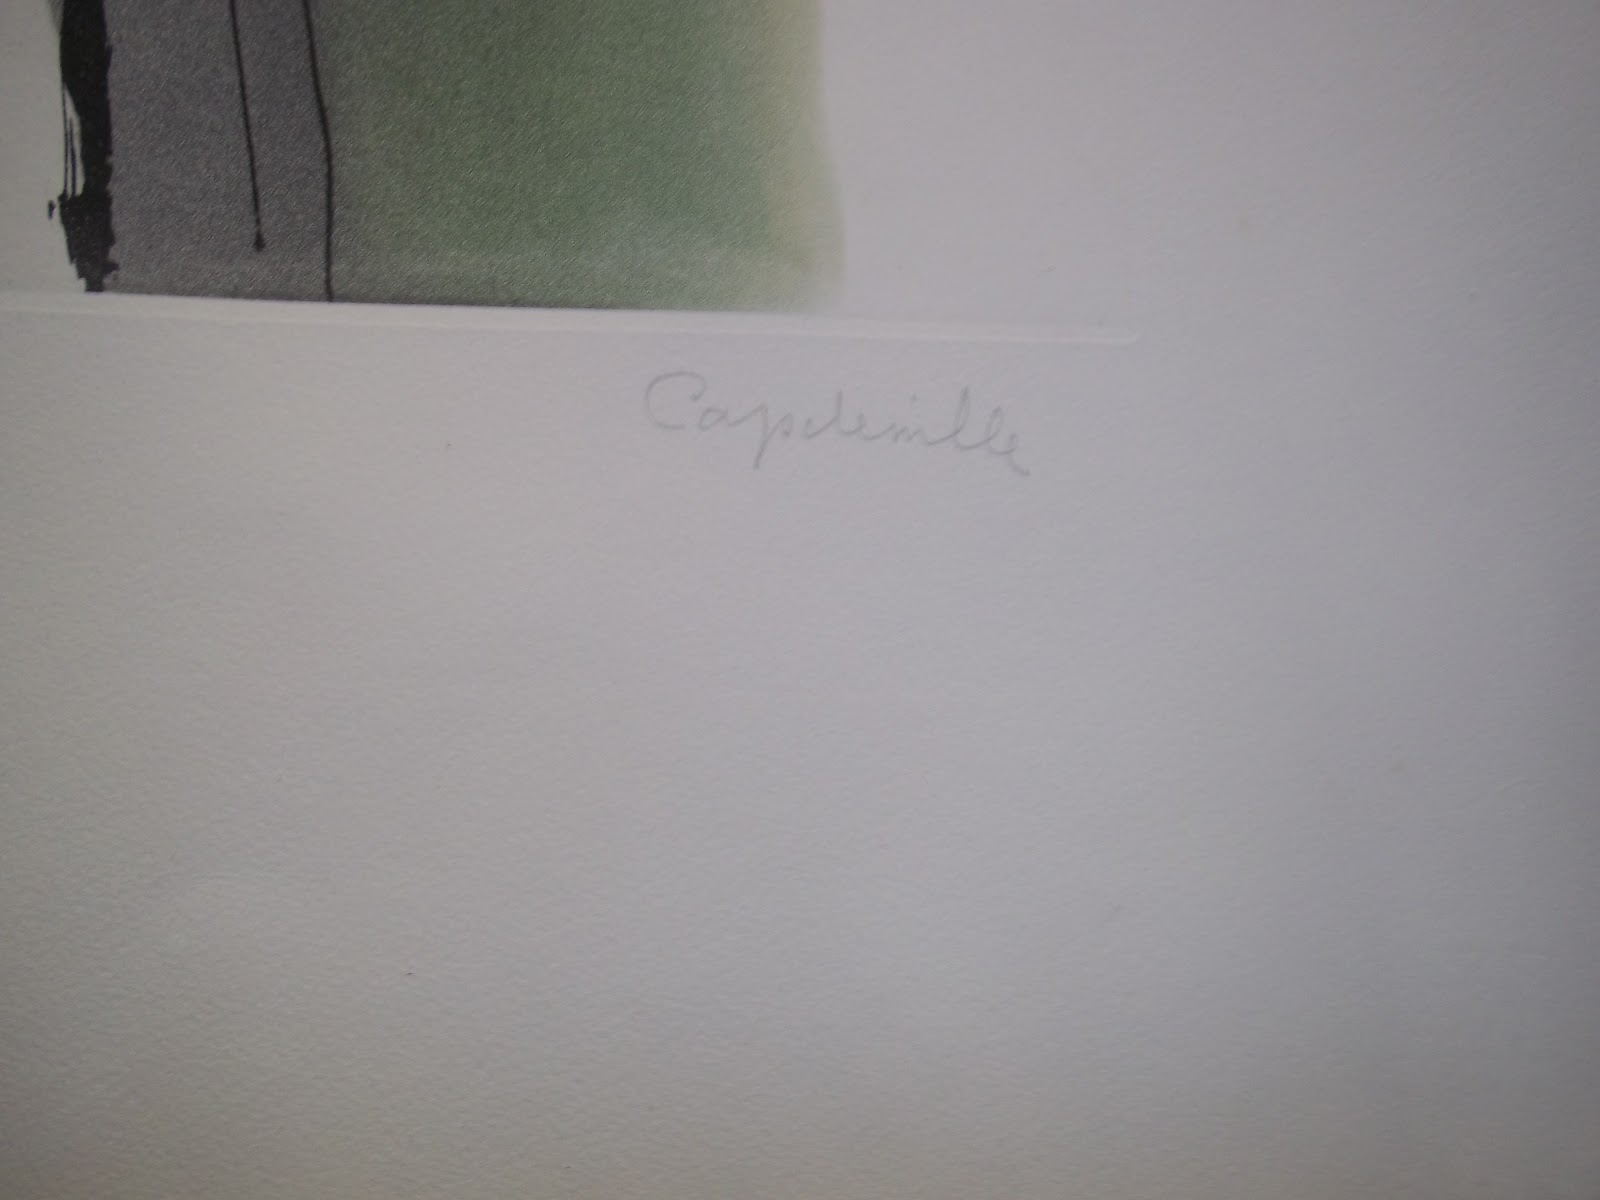 http://3.bp.blogspot.com/-bNwda0xwYrU/UEfSUY6RuBI/AAAAAAAAAV8/j9fcaAN-hwA/s1600/Capdeville+Print+signature+etc+007.JPG